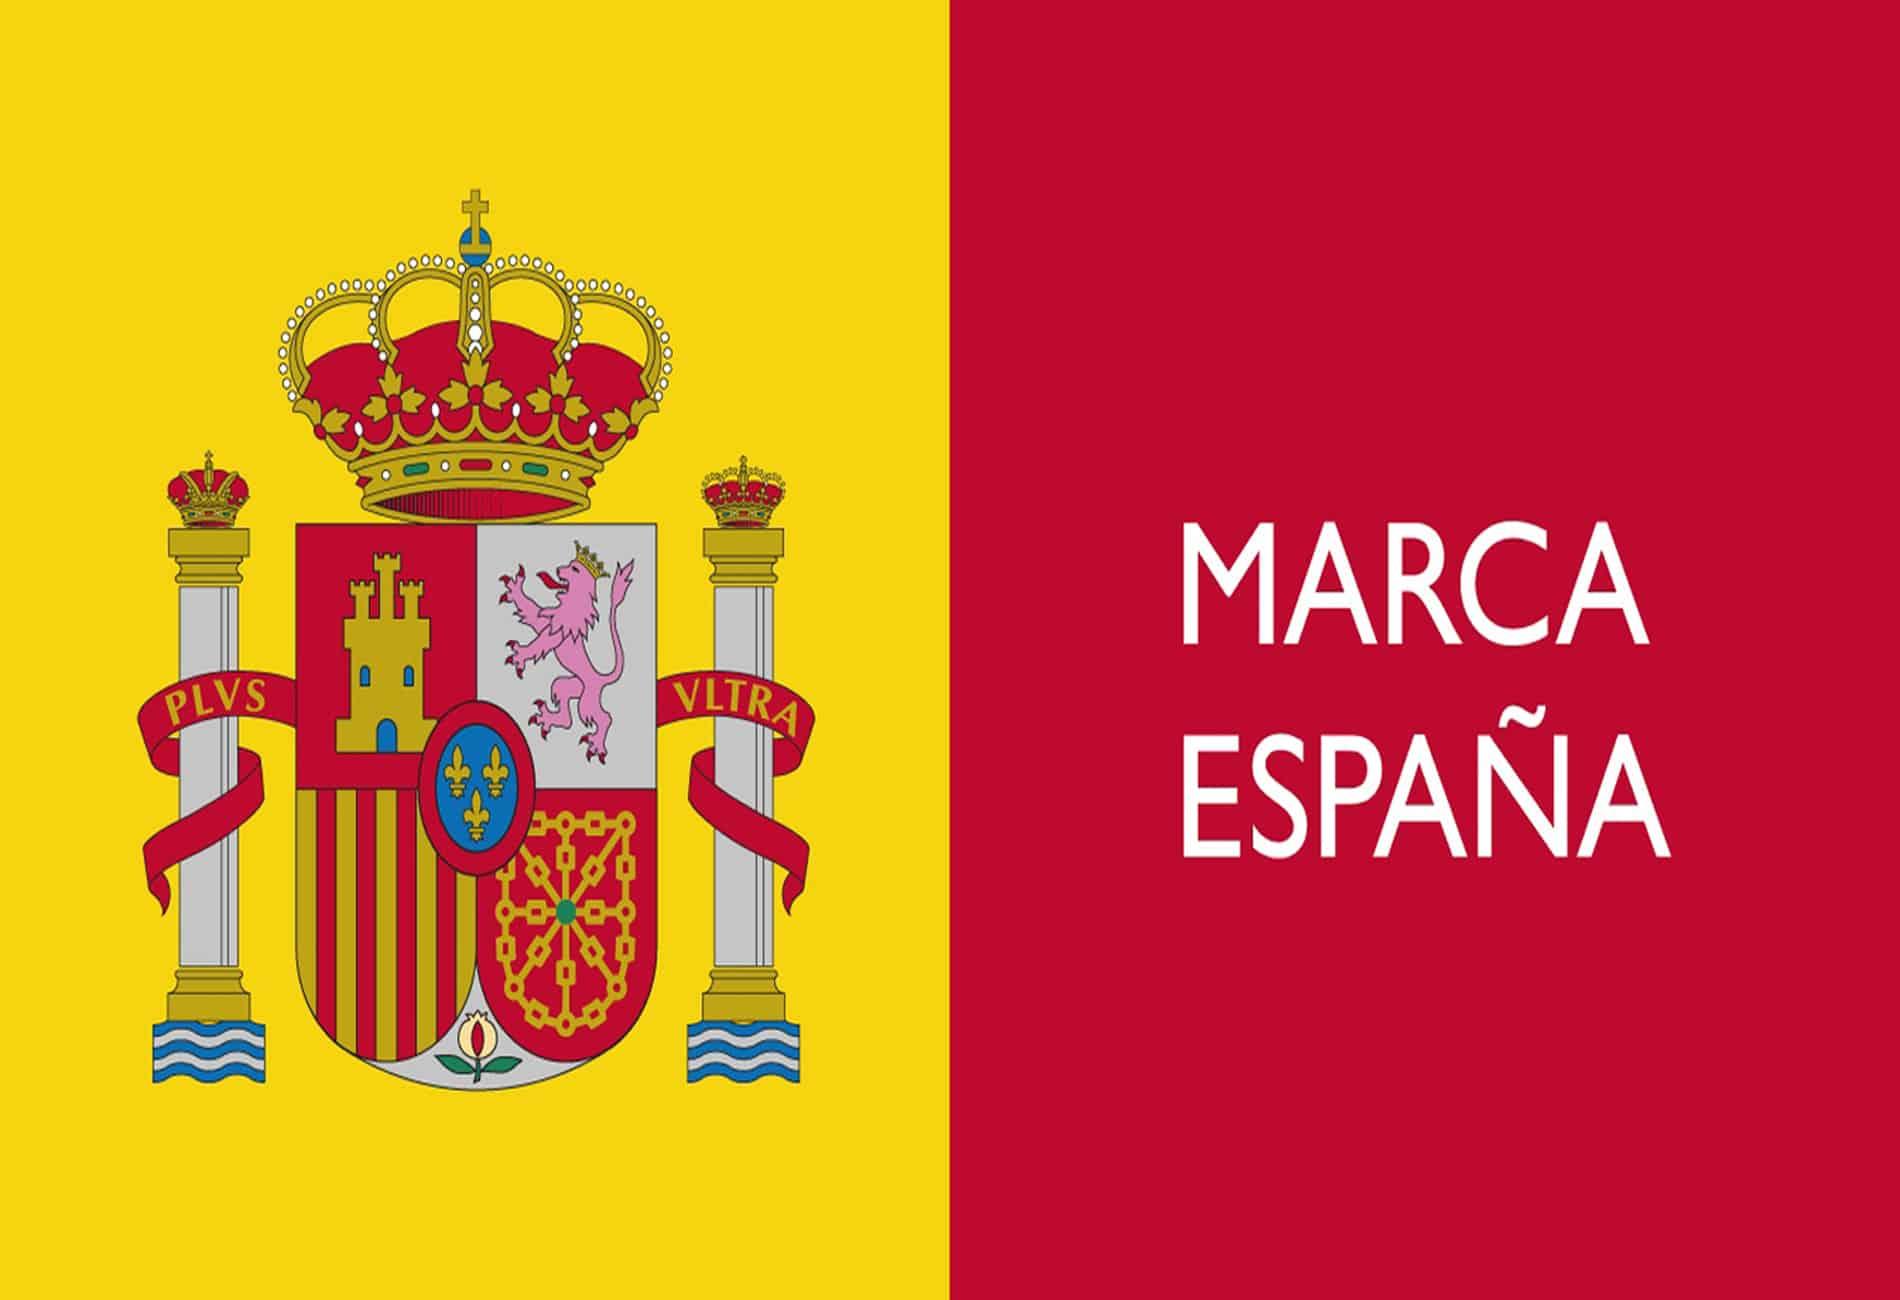 Marca España, Premio Nacional de Gastronomía Especial